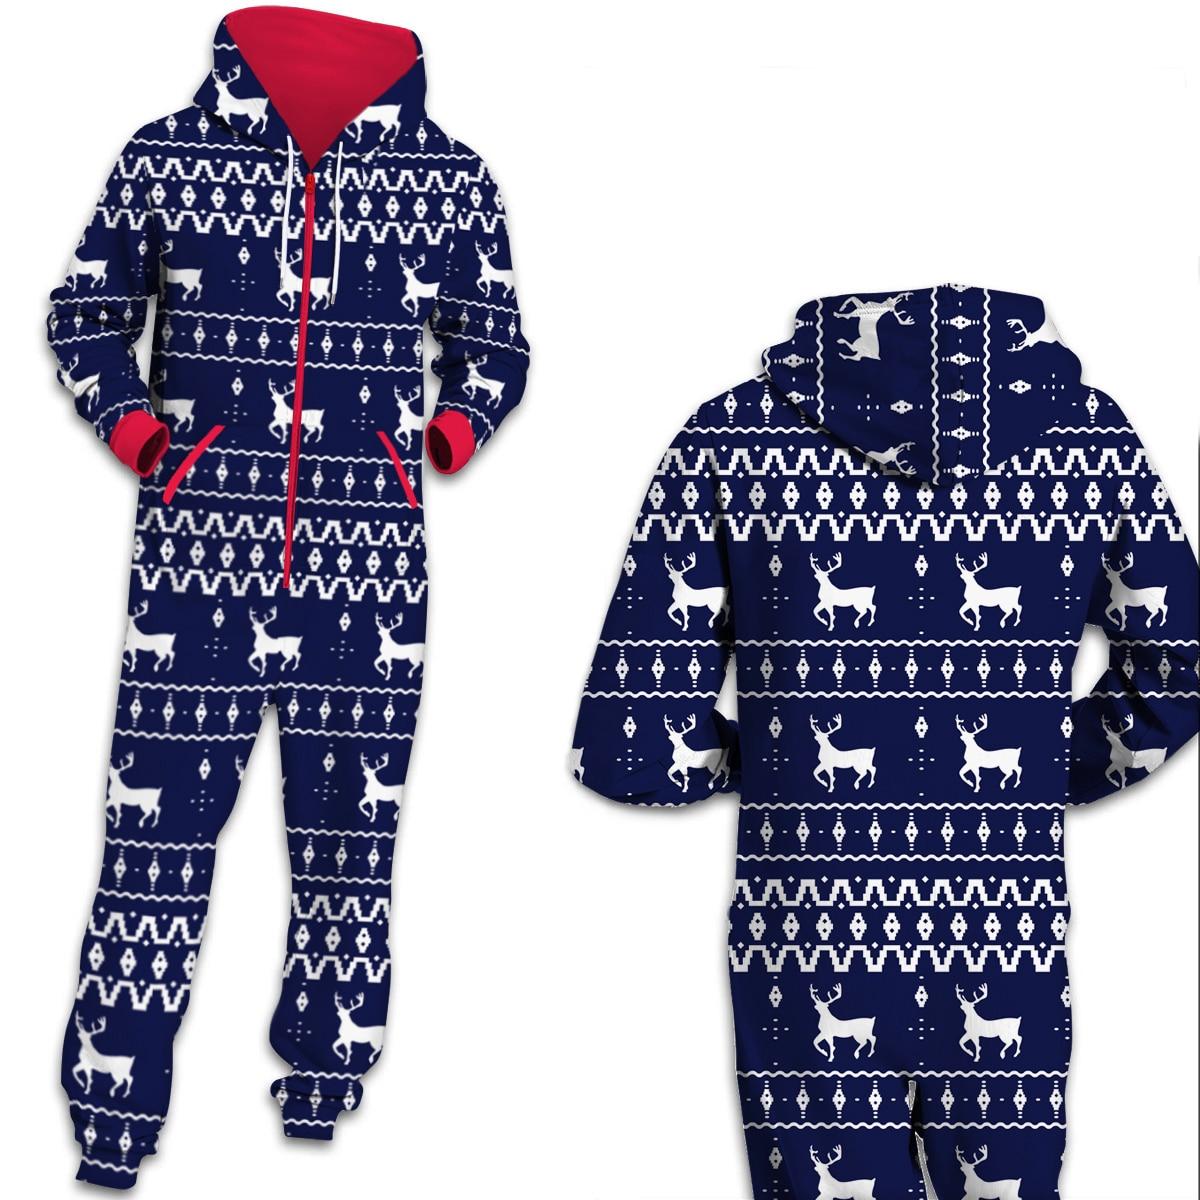 Новинка 2019, комбинезон для пар, одинаковые пижамы, комбинезон для мужчин и женщин, Мужская Рождественская тема, одежда с капюшоном